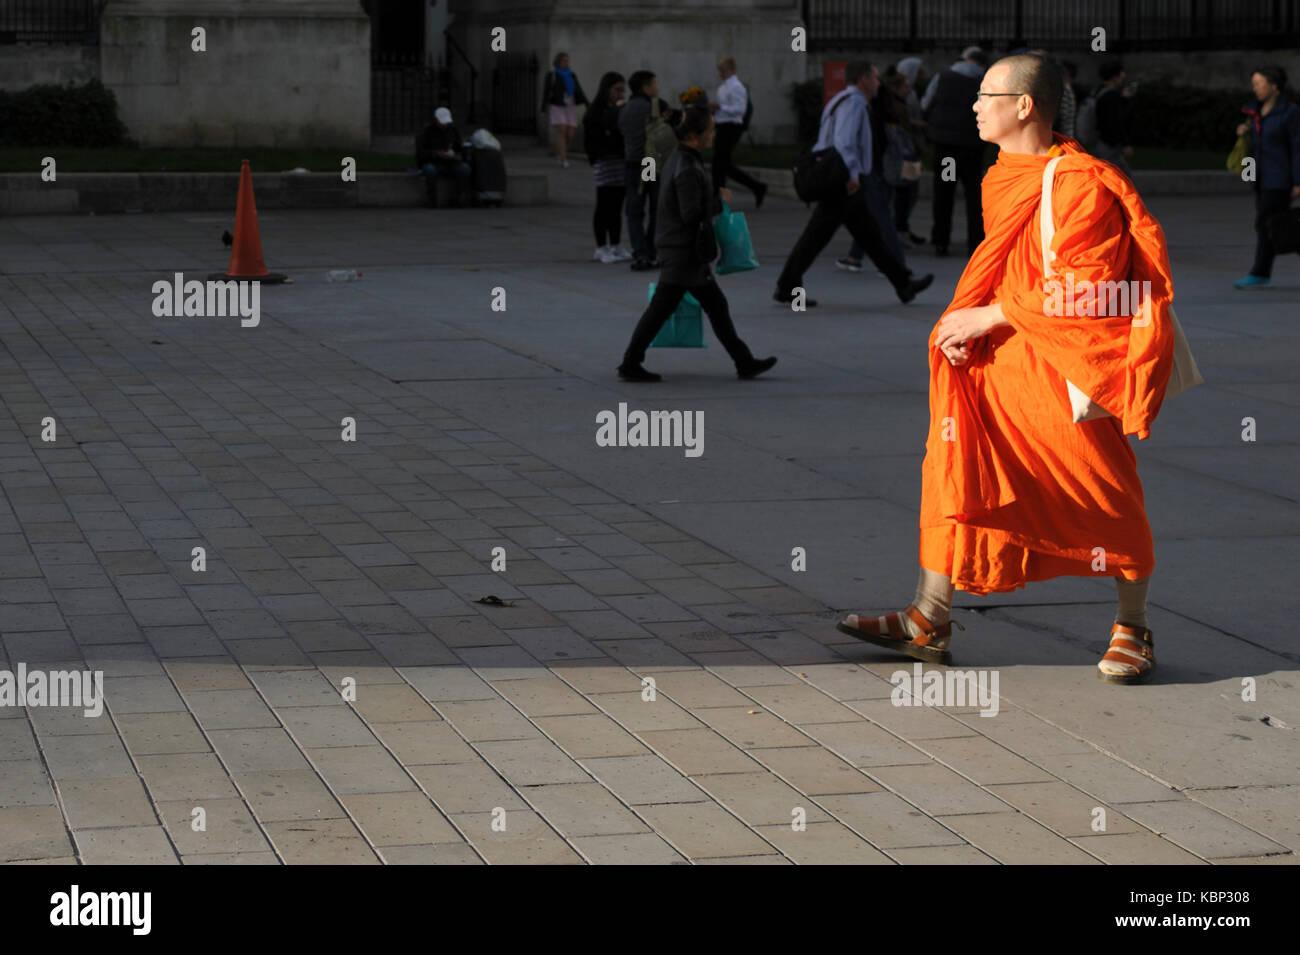 Dos monjes budistas están haciendo turismo en Trafalgar Square, están tomando fotos entre sí. Foto de stock